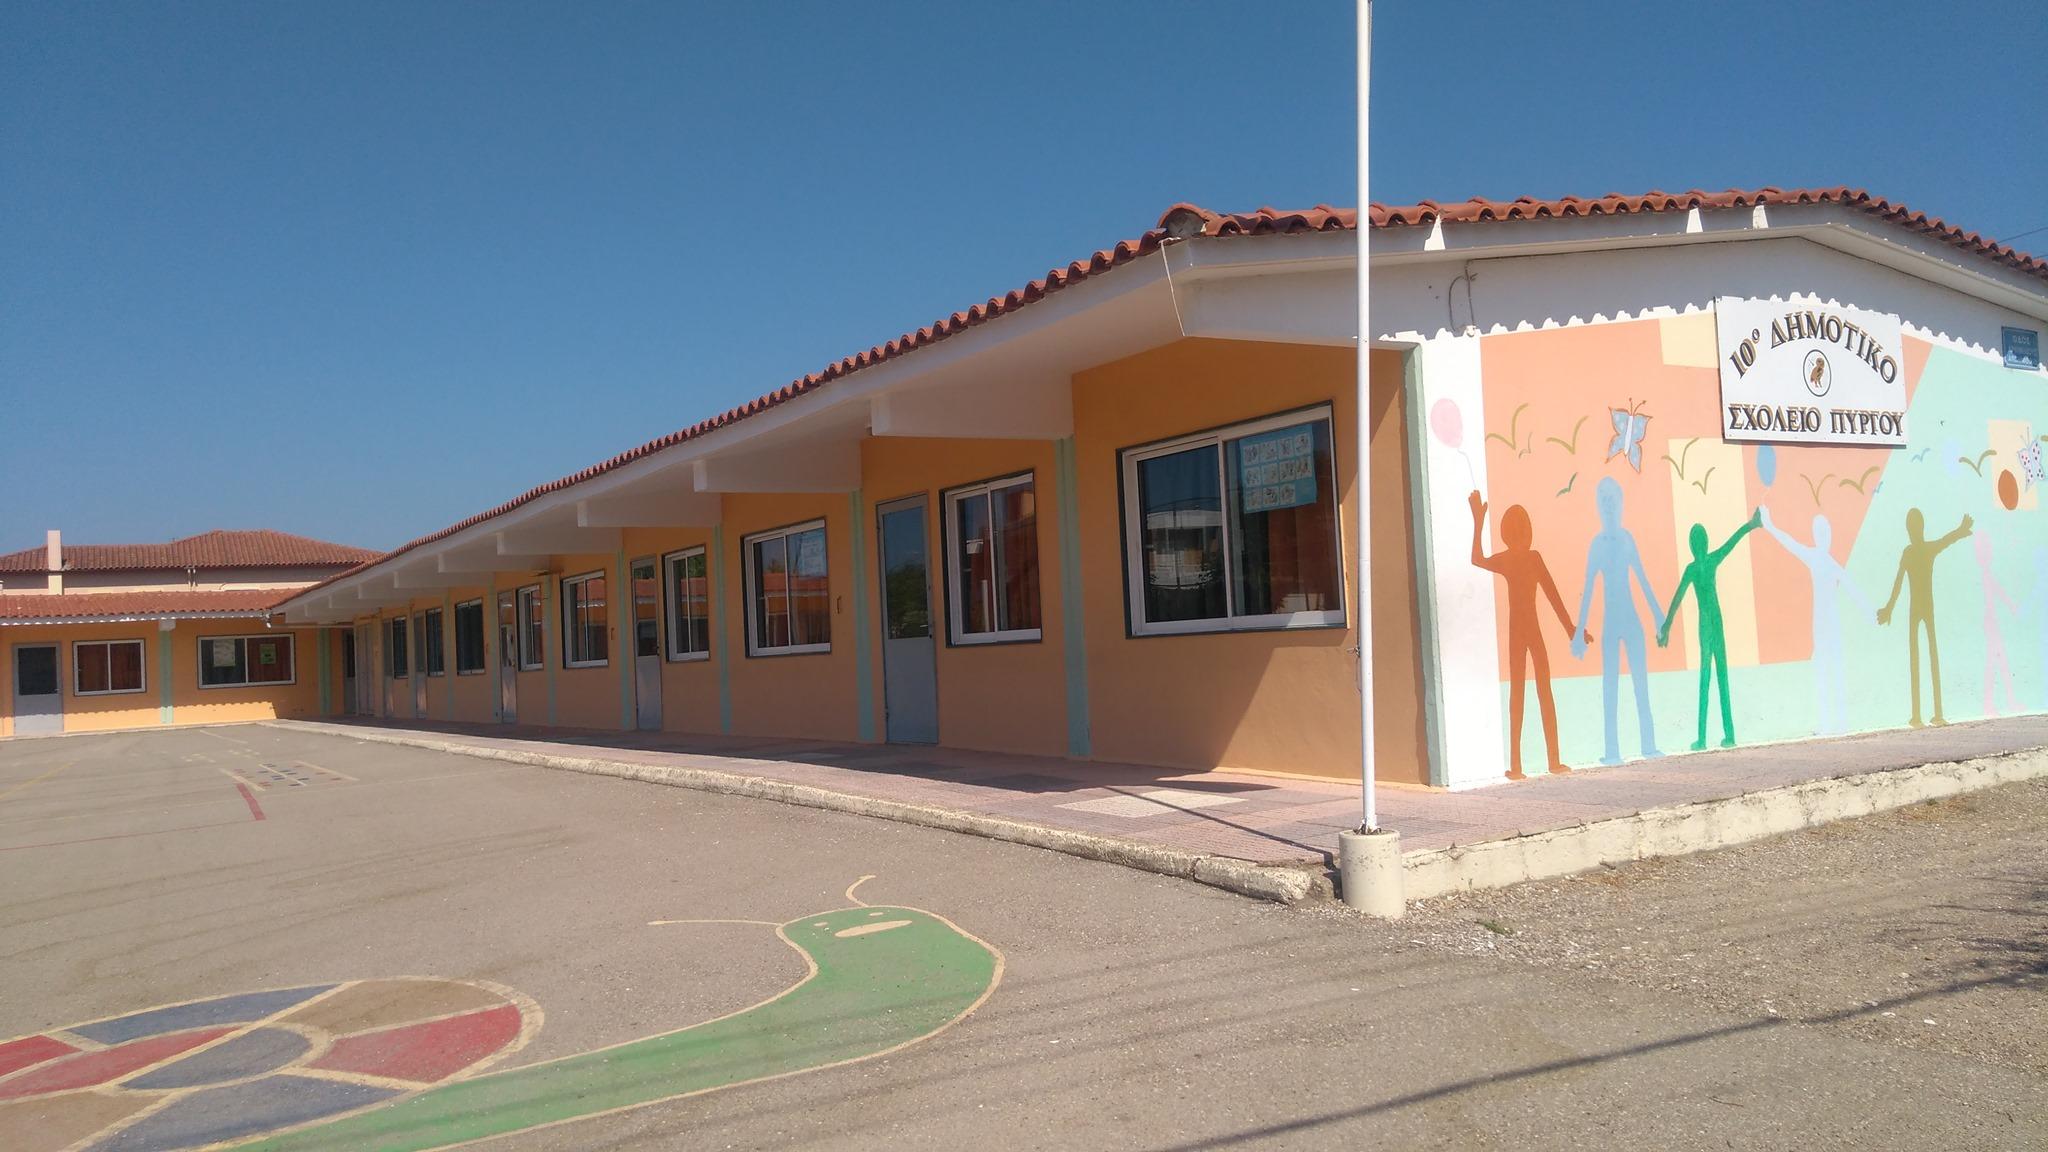 Δήμος Πύργου: Διαρκής η μέριμνα στις σχολικές μονάδες του Δήμου